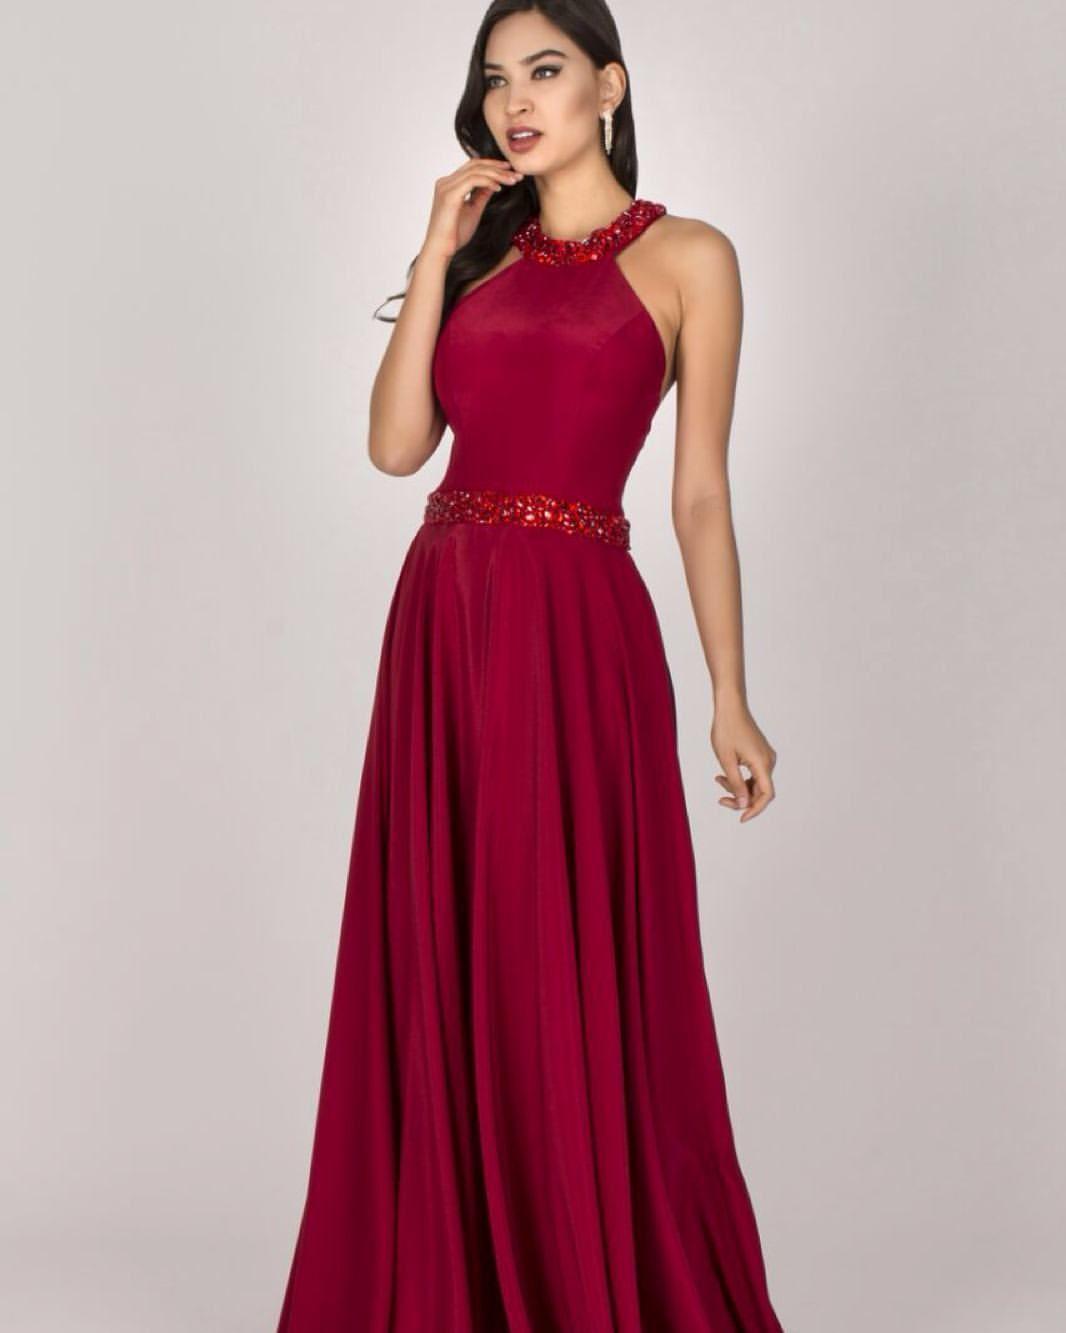 Vestido De Festa Longo Madrinha 2020 Vermelho No Rj Para Alugar